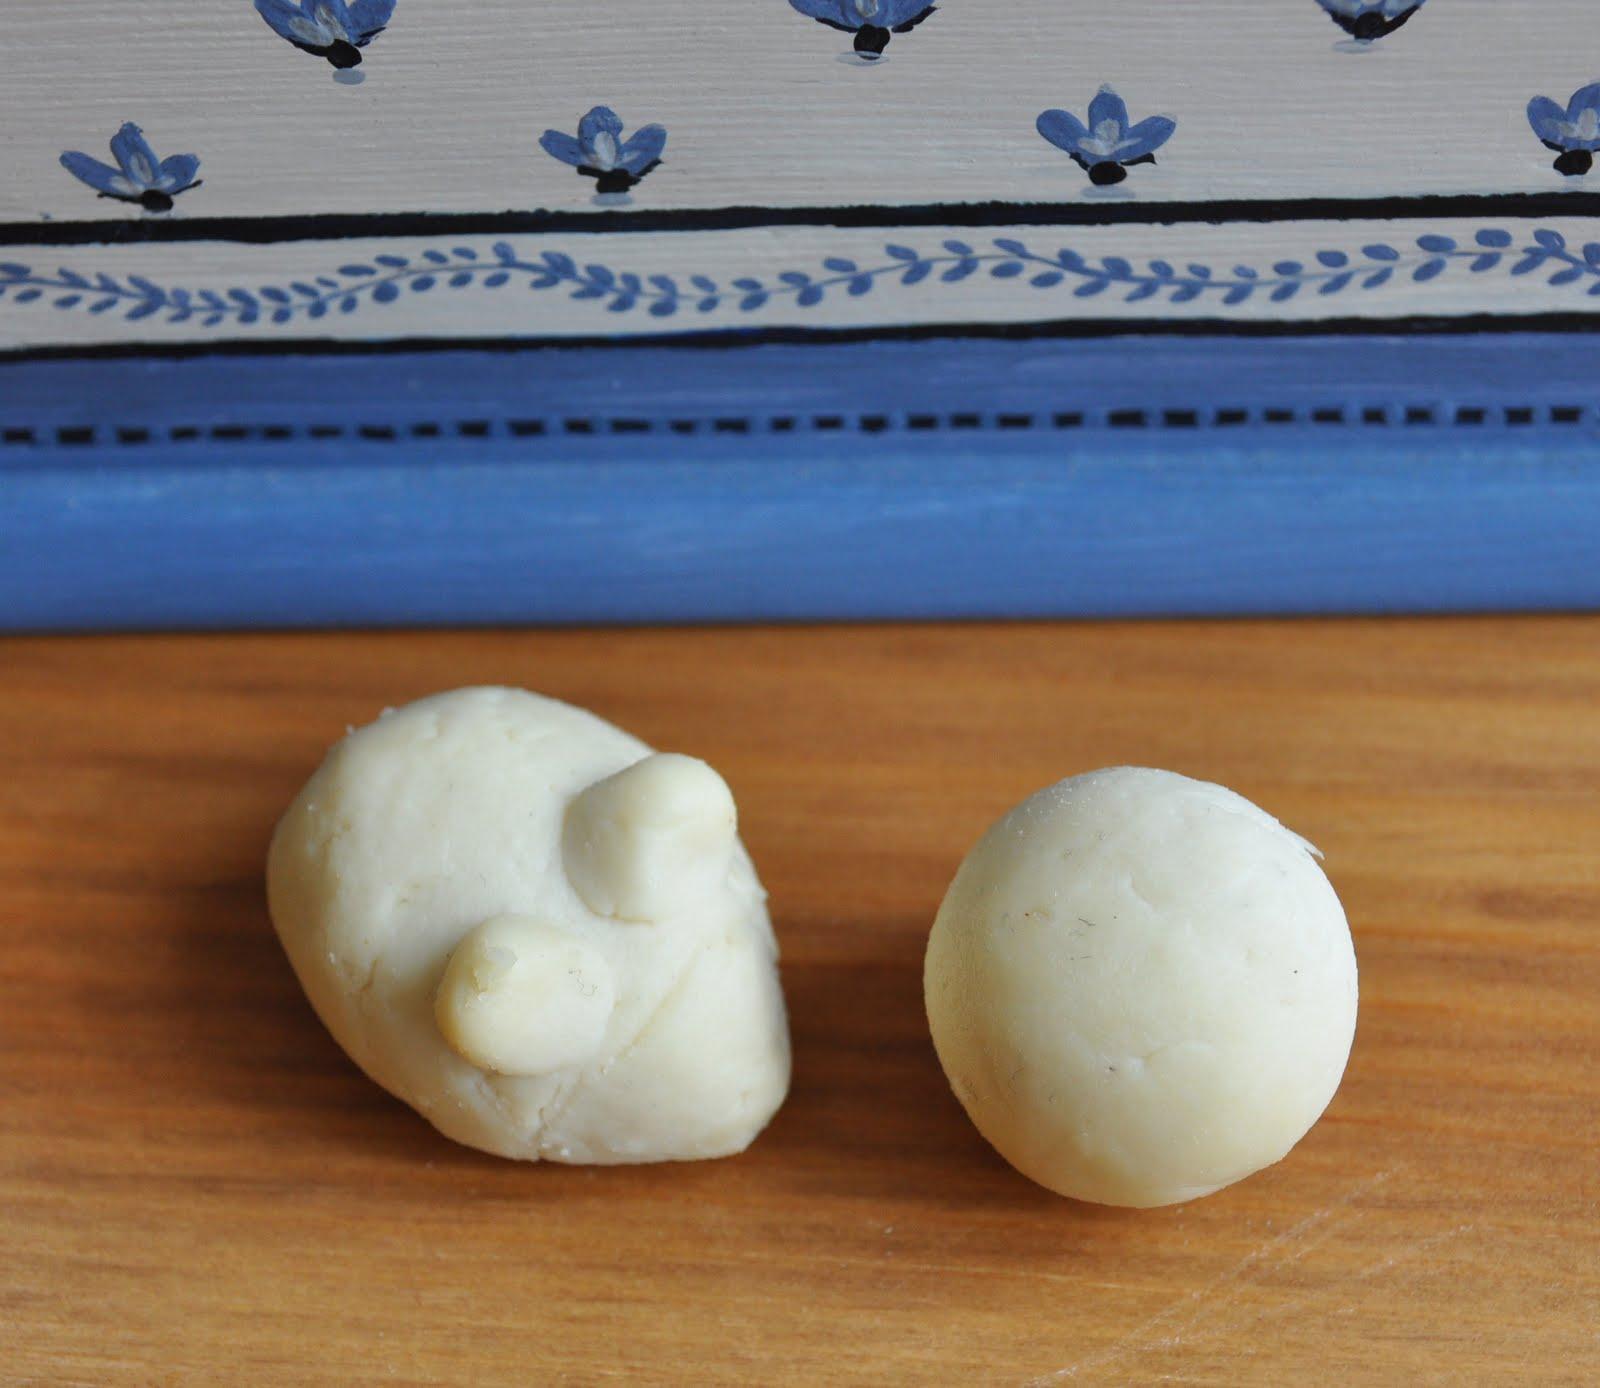 pic nne comment fabriquer un plastique d 39 origine naturelle la pierre de lait. Black Bedroom Furniture Sets. Home Design Ideas